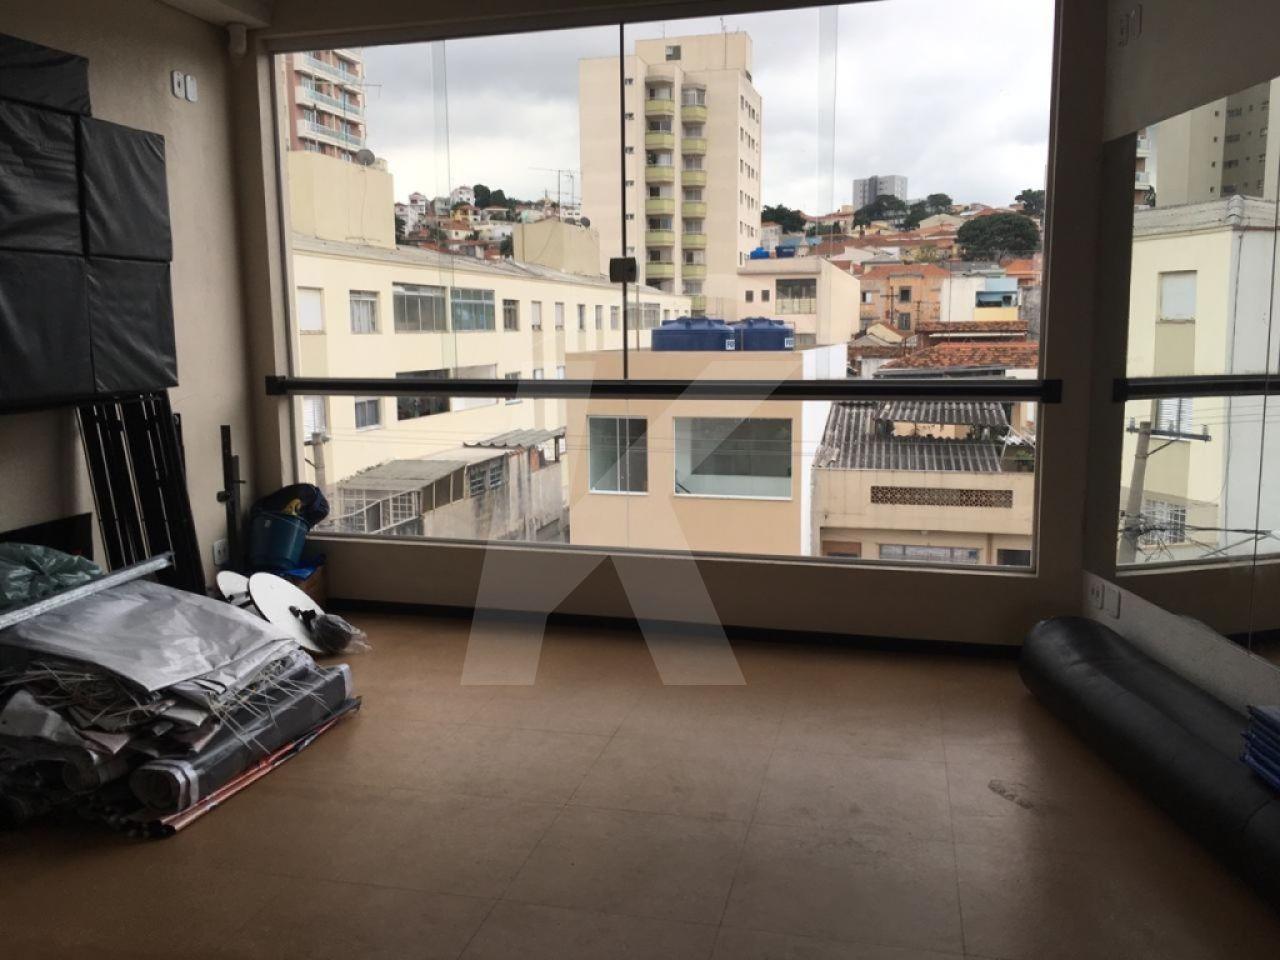 Comprar - Prédio - Santana - 0 dormitórios.